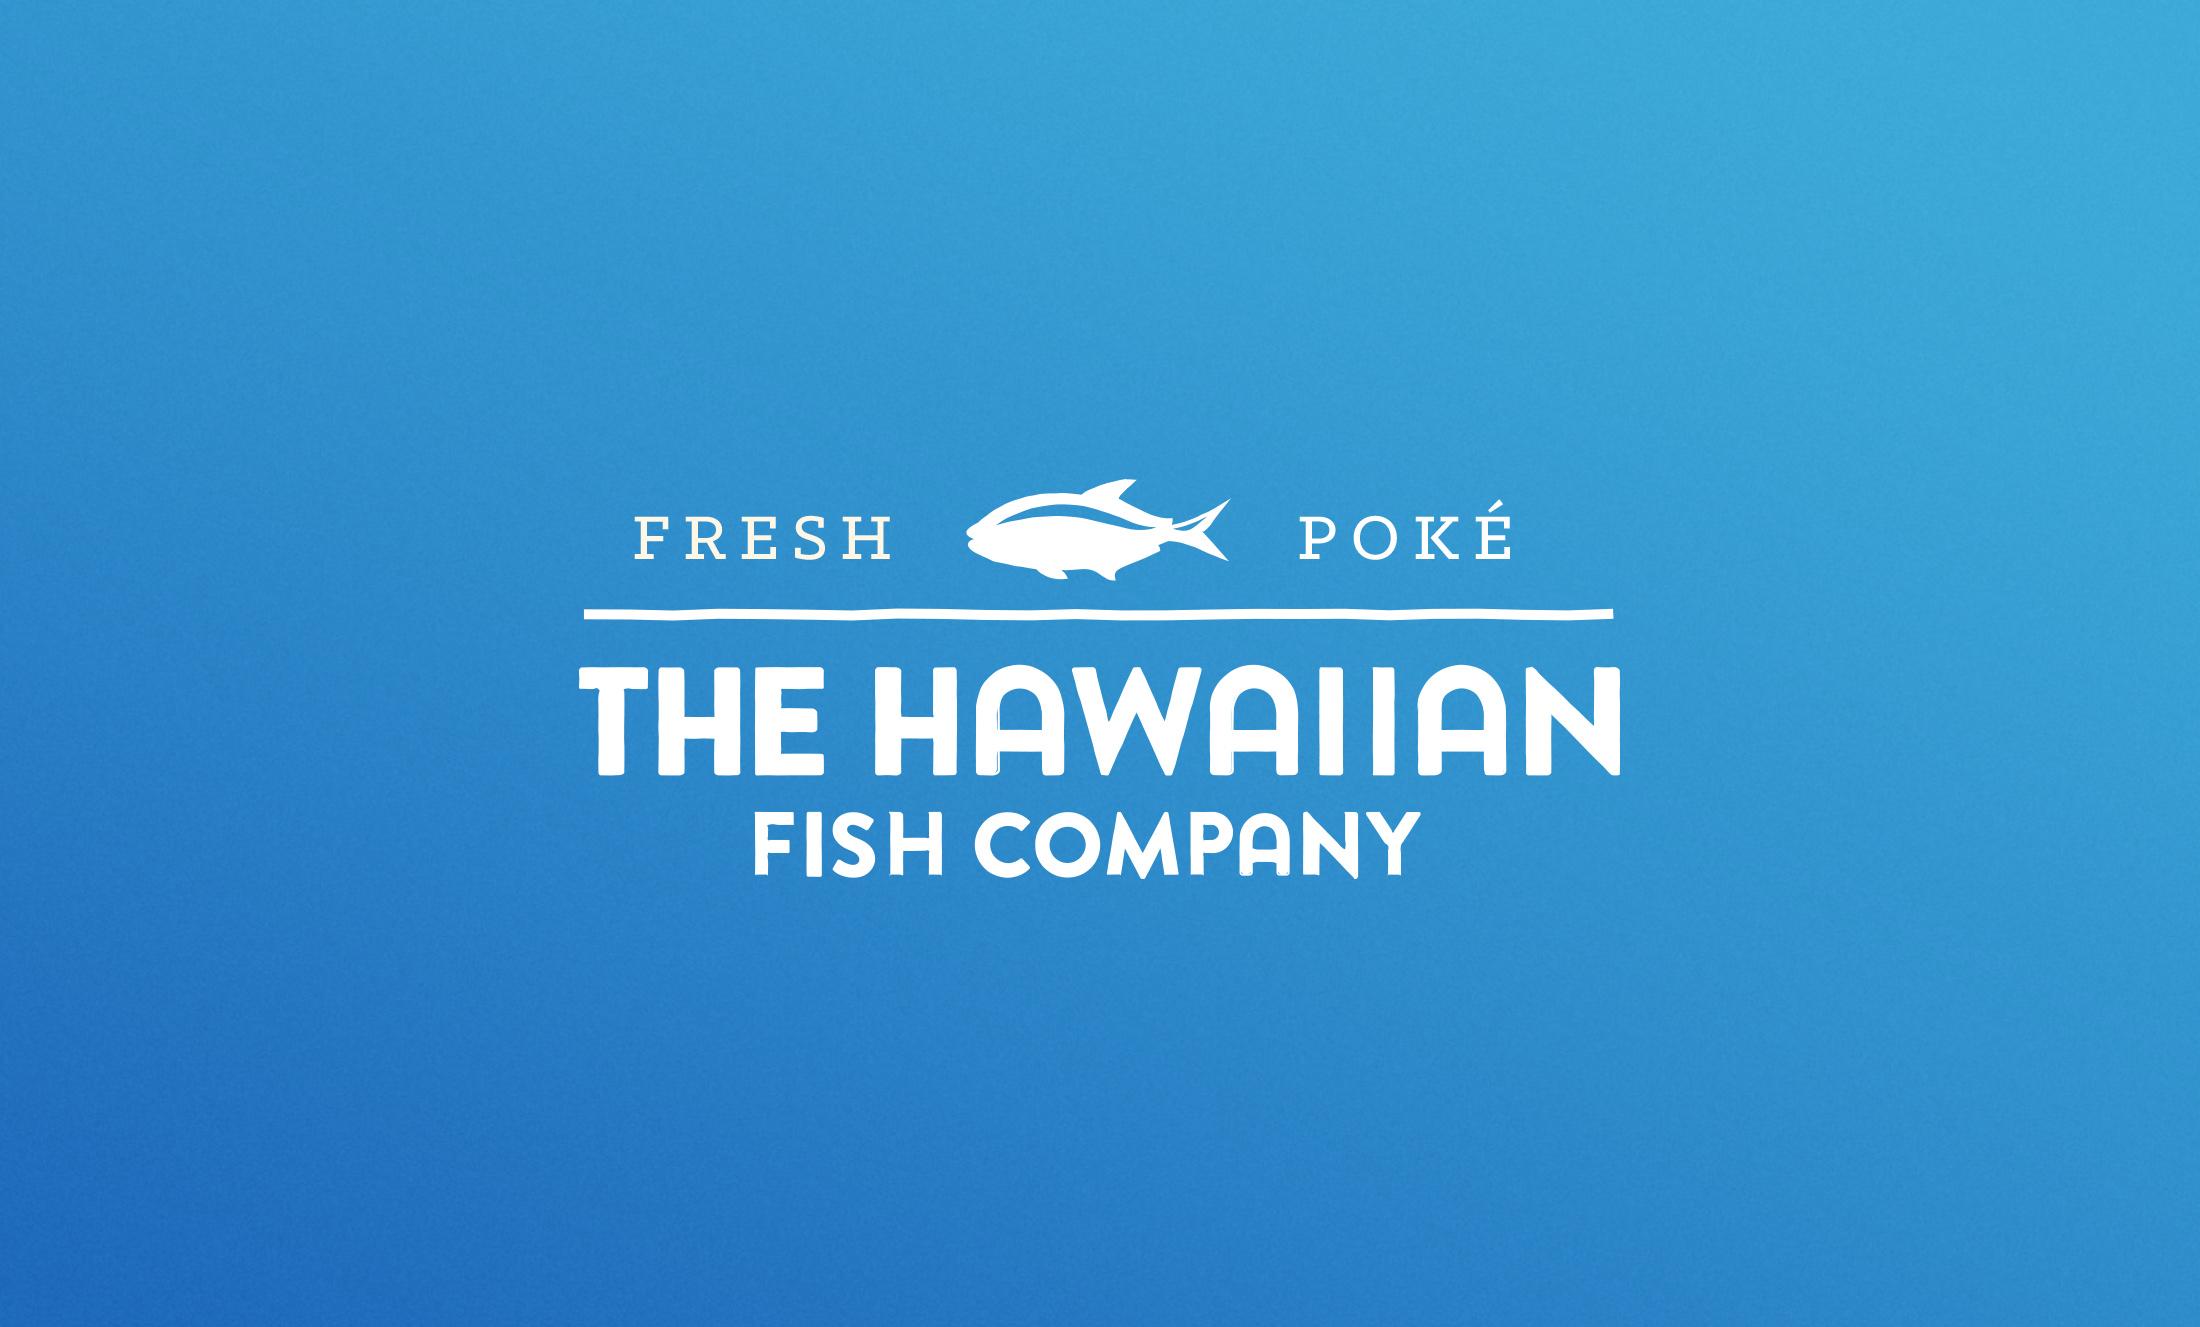 Hawaiian Fish Co Brand.jpg